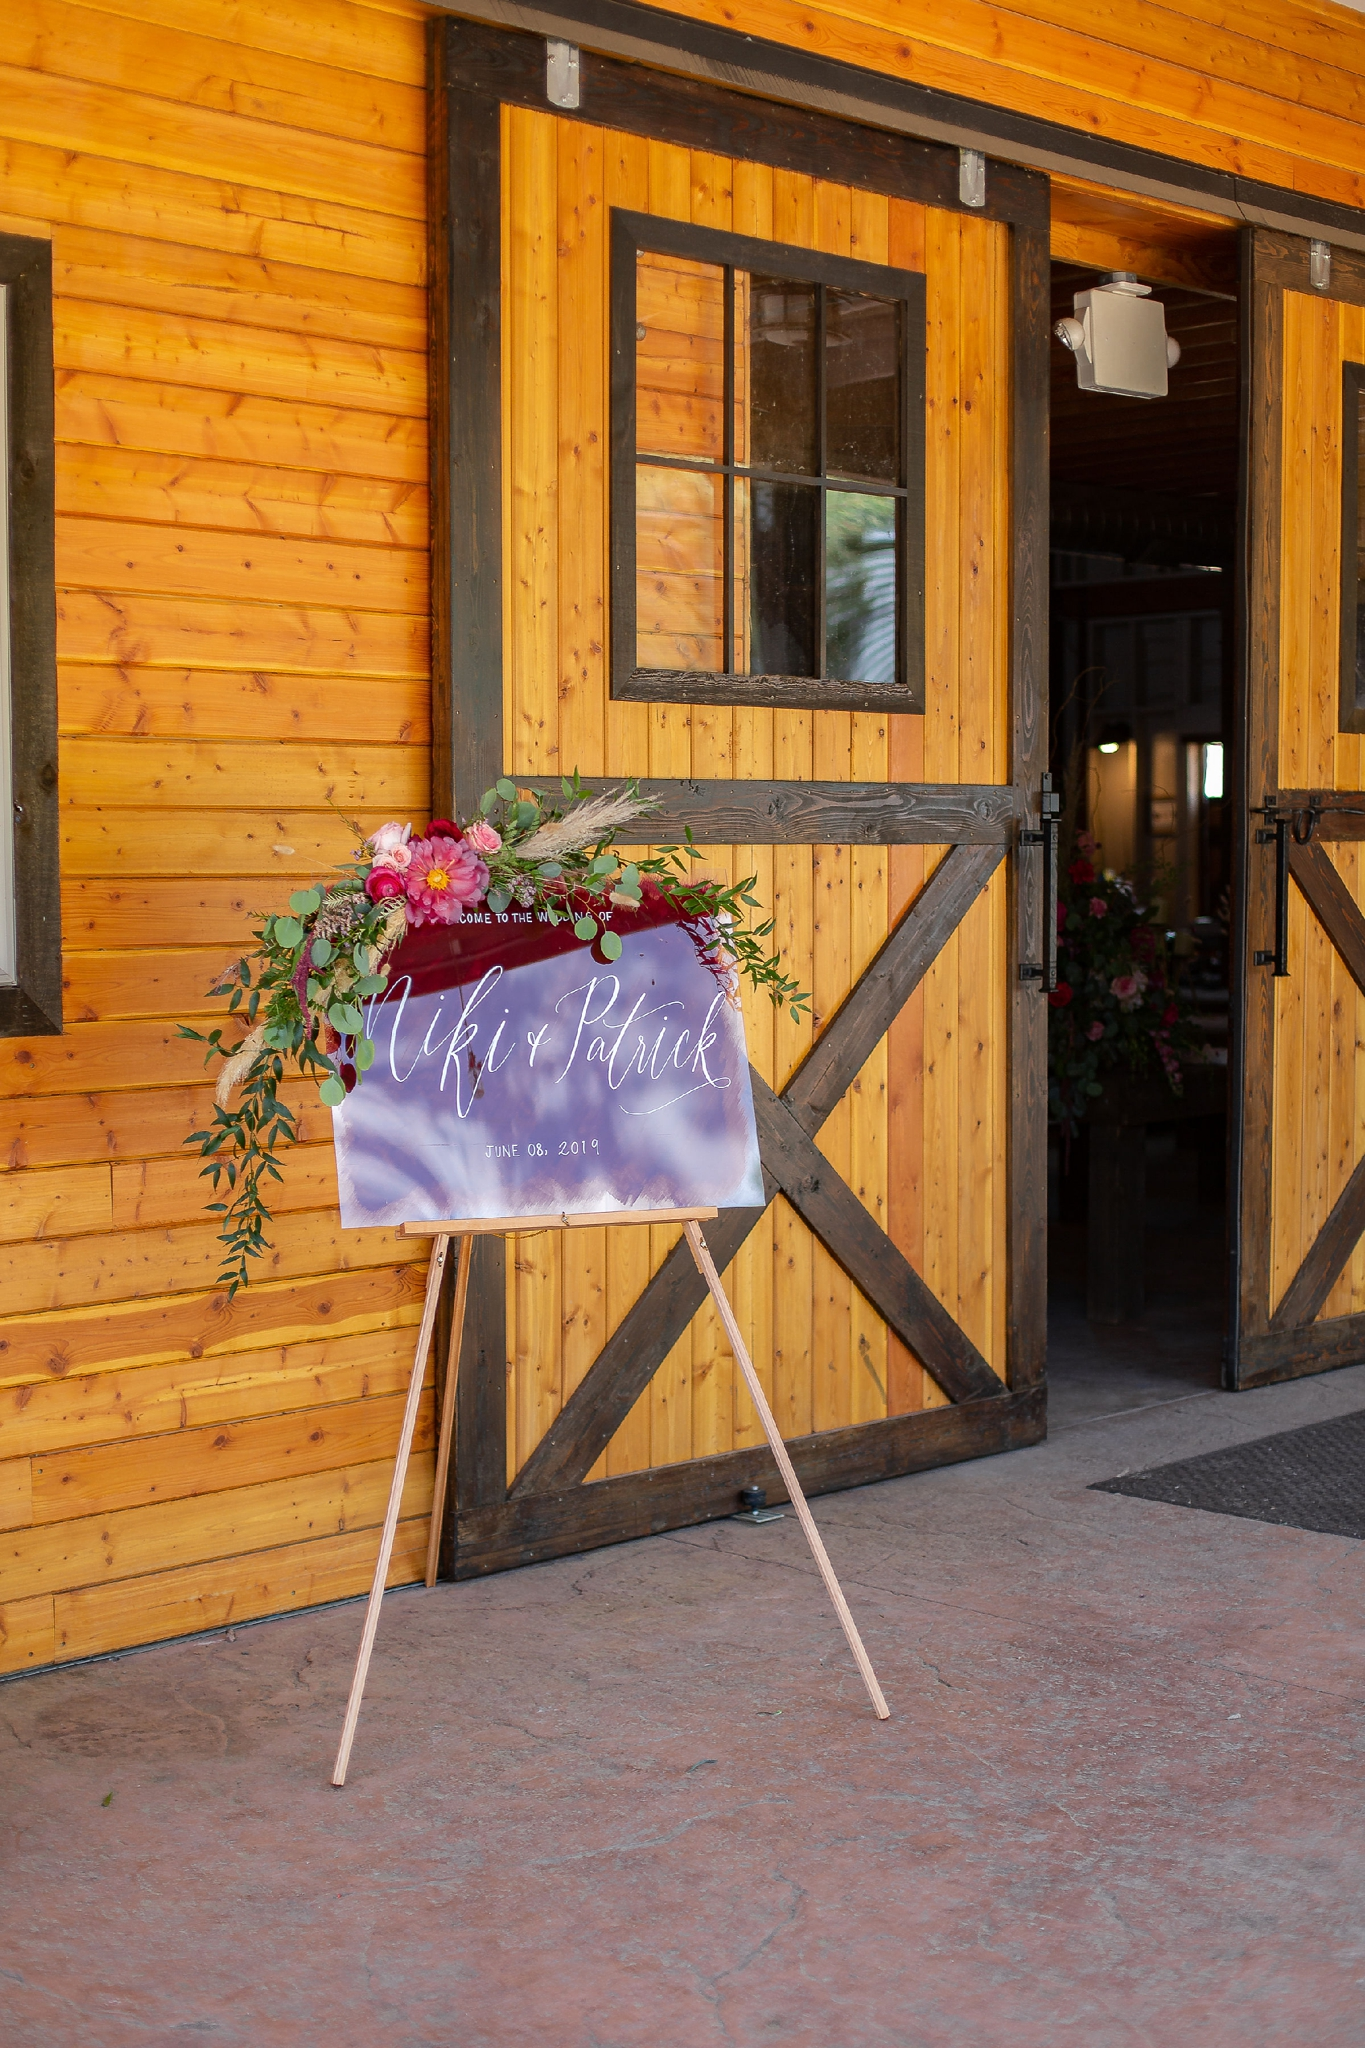 Alicia+lucia+photography+-+albuquerque+wedding+photographer+-+santa+fe+wedding+photography+-+new+mexico+wedding+photographer+-+new+mexico+wedding+-+summer+wedding+-+summer+wedding+florals+-+southwest+wedding_0008.jpg